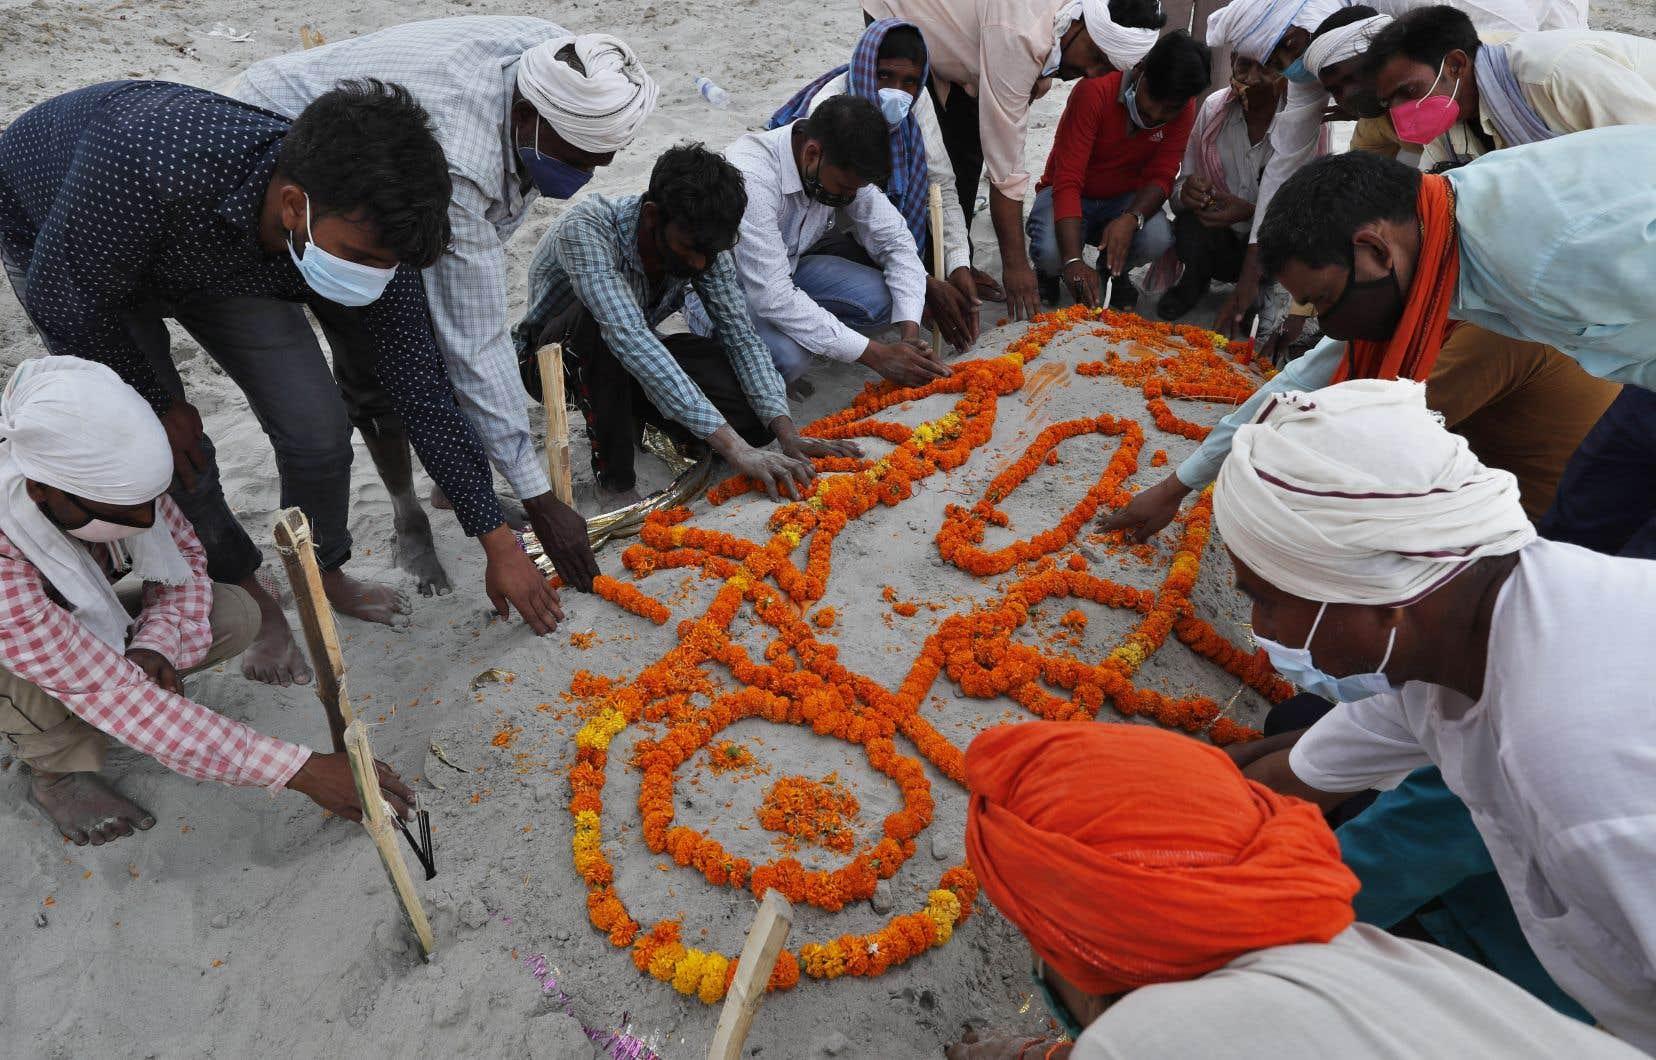 Vendredi, la pluie a dévoilé des corps enterrés dans des tombes peu profondes le long des berges de la ville de Prayagraj, située dans l'État d'Uttar Pradesh.